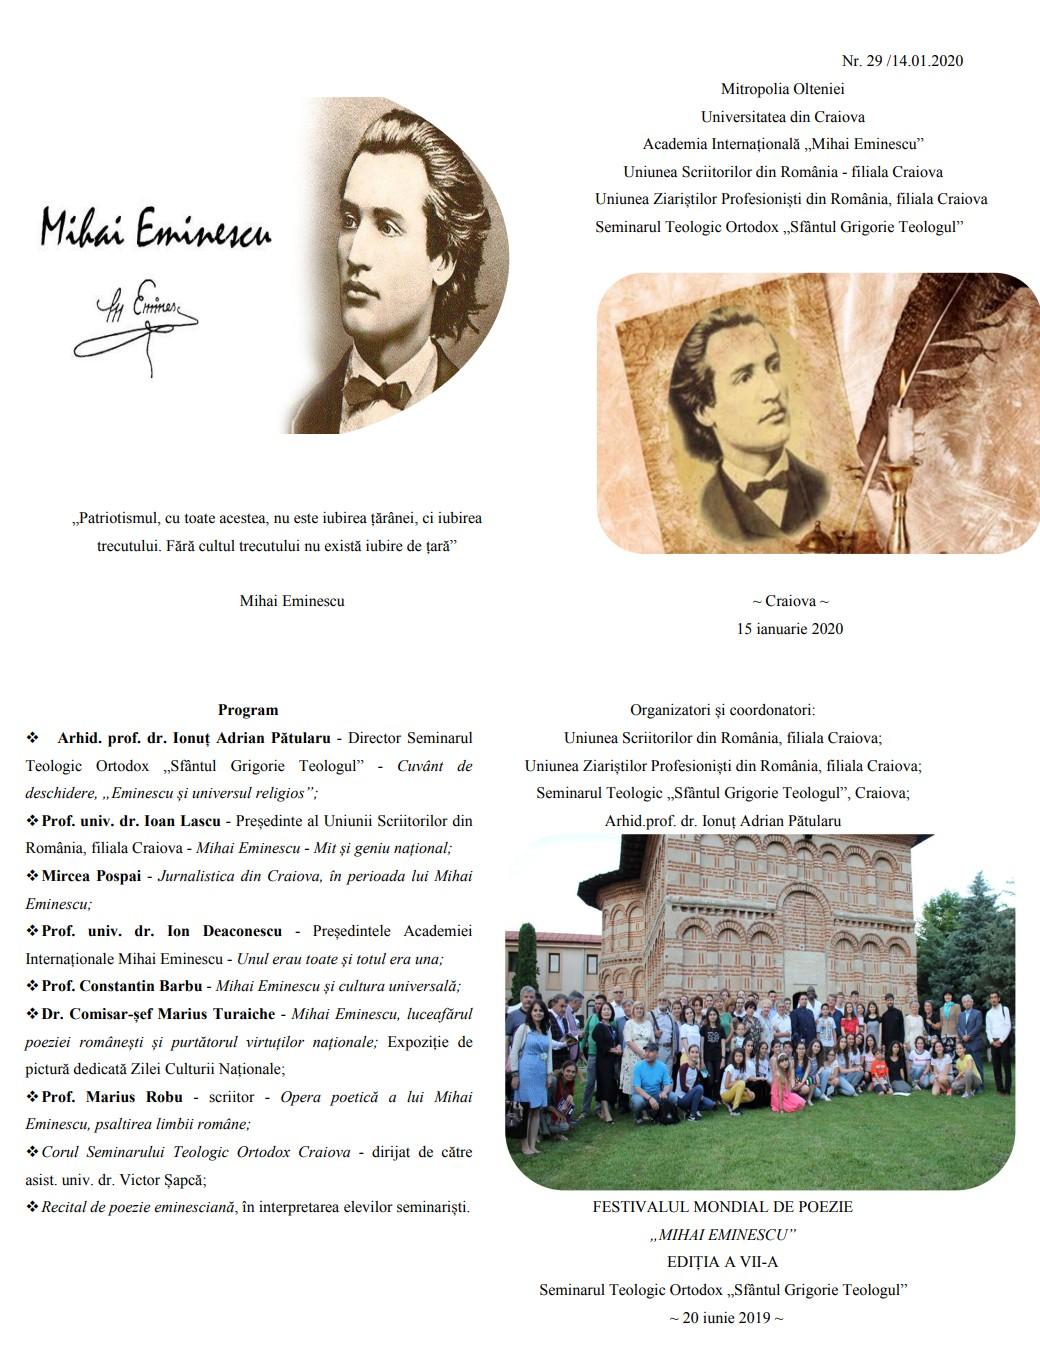 Foto 170 de ani de Mihai Eminescu